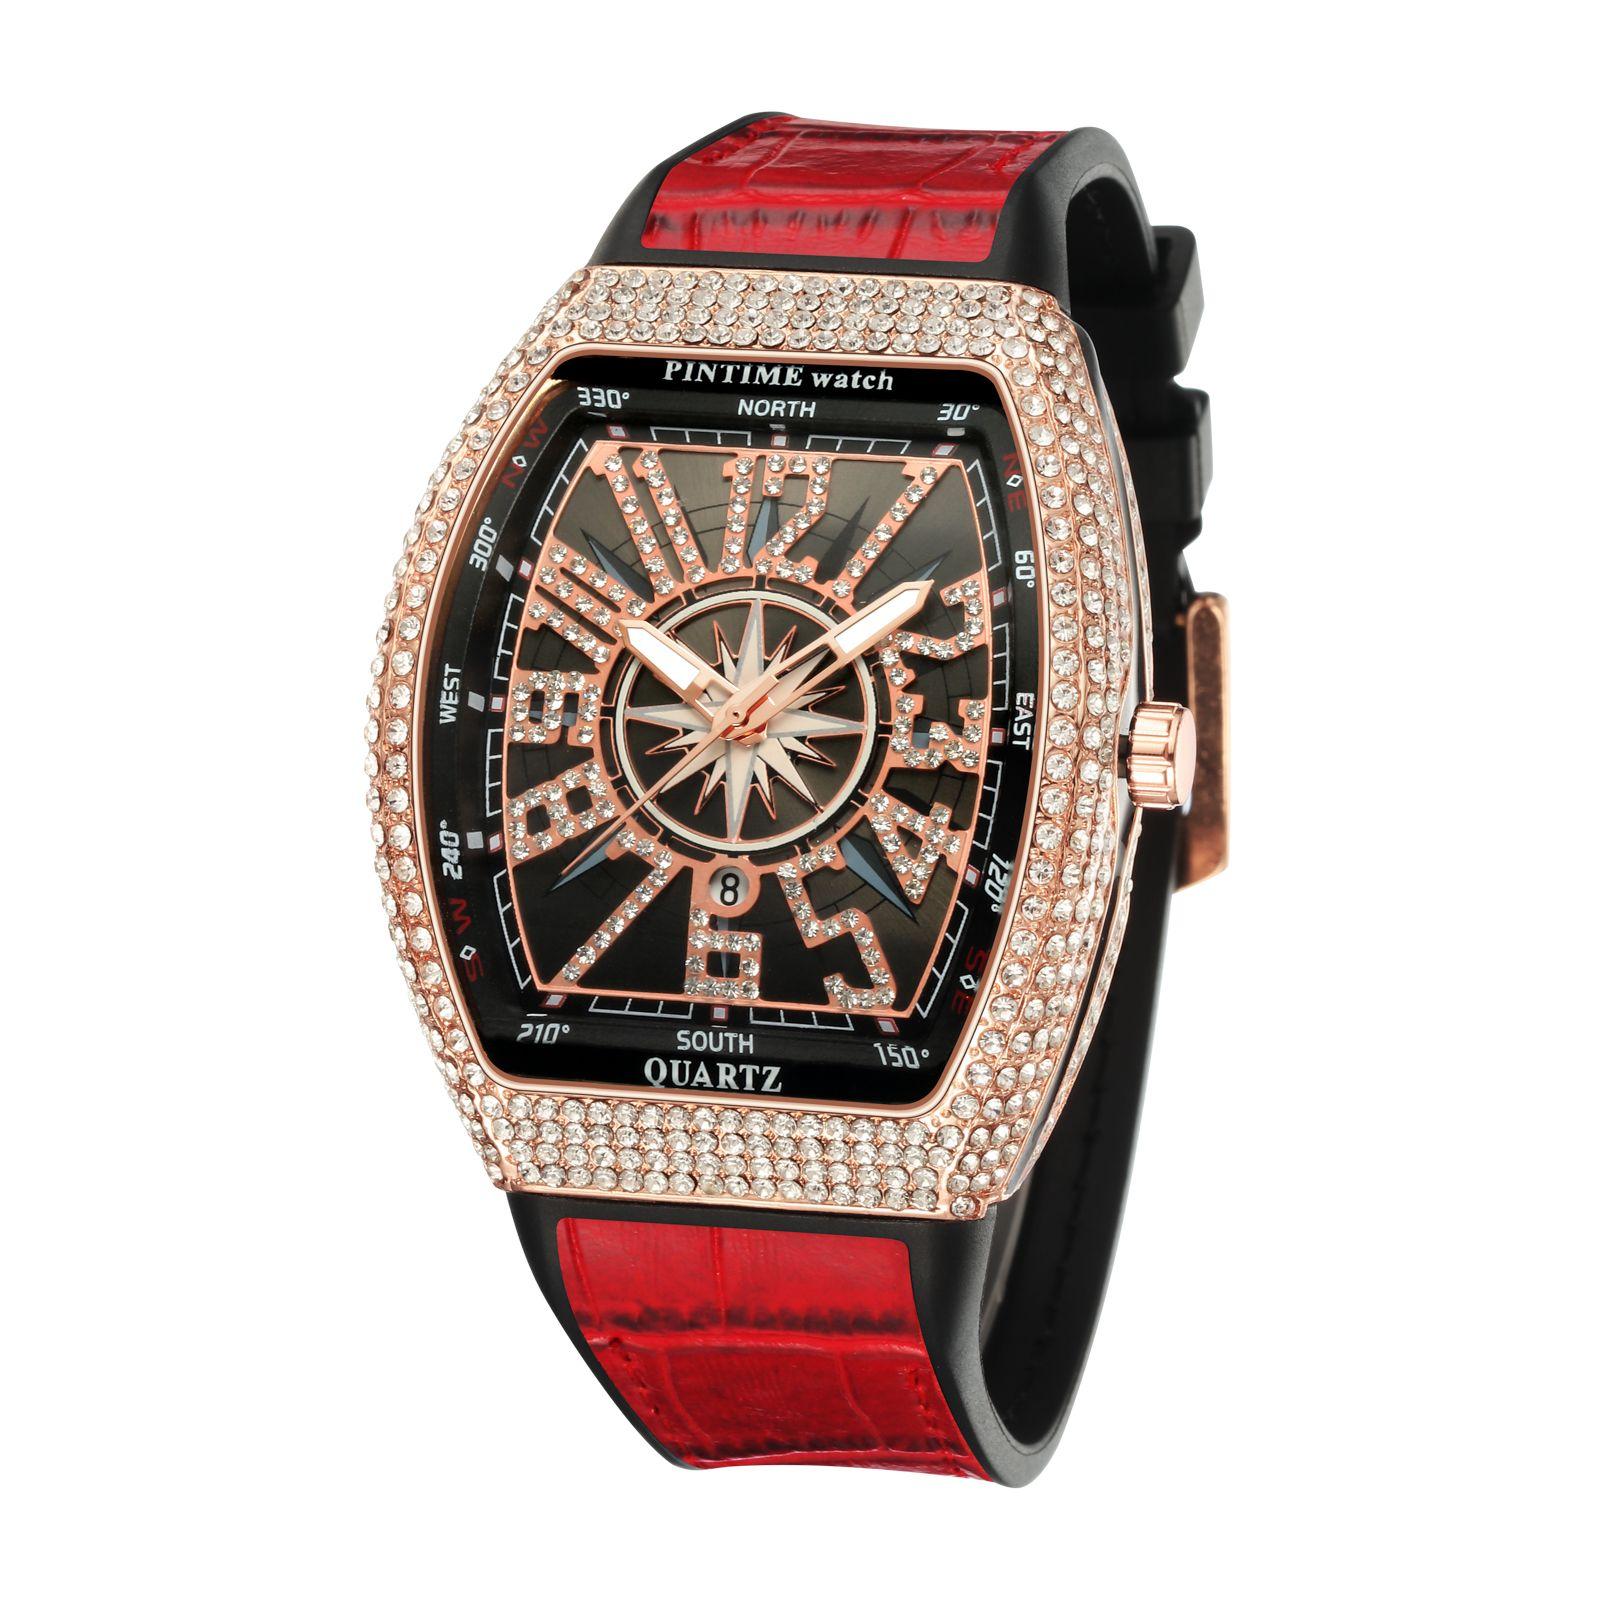 Reloj de Cuarzo Con Diamantes Para Hombre y Mujer, Cronografo de Lujo, De ACero, Estilo Hip Hop, Dorado Y Plateado